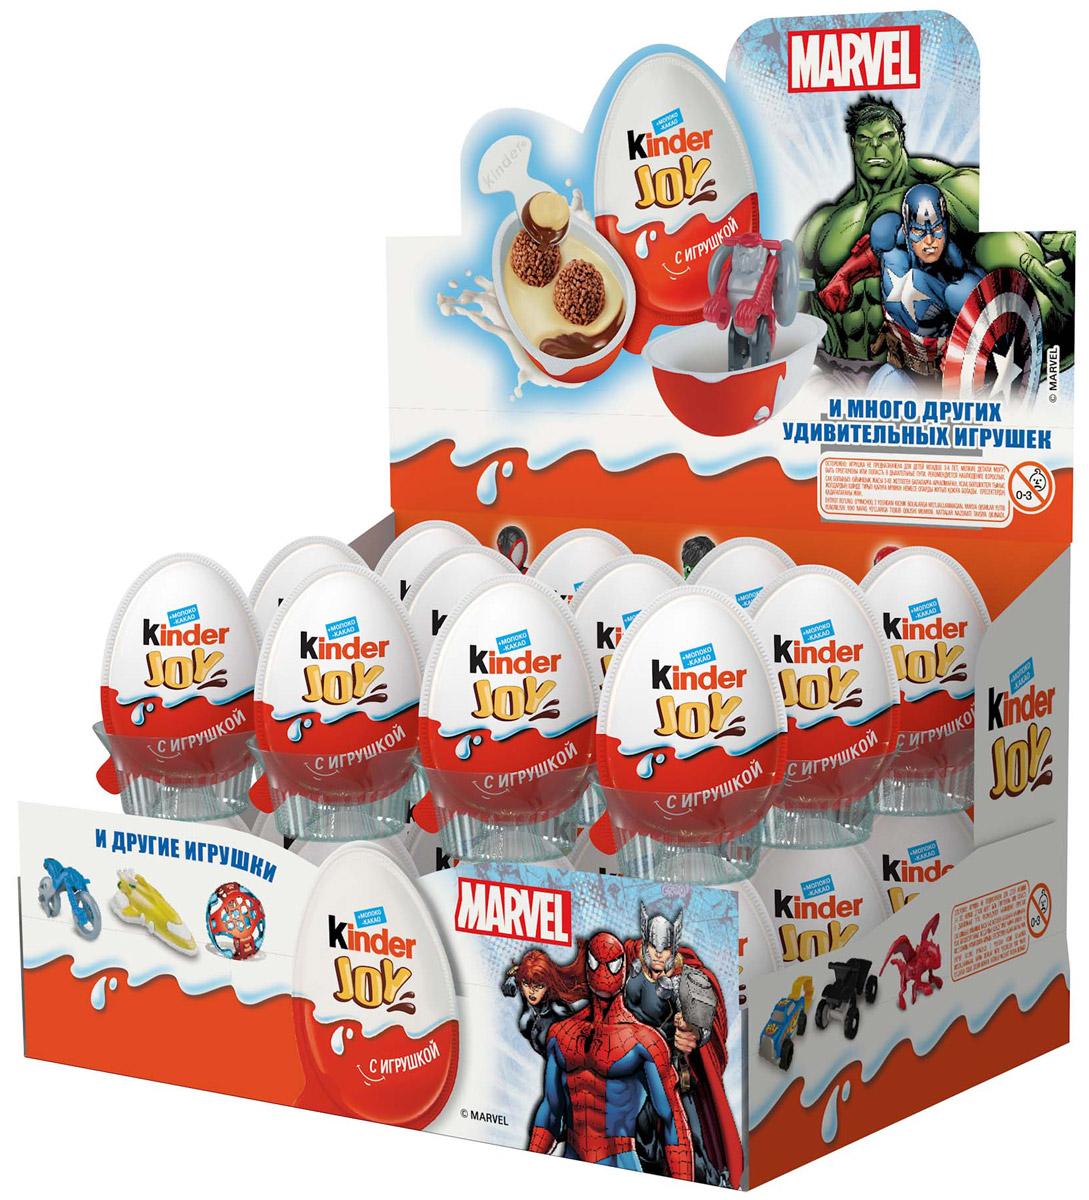 Kinder Joy Marvel кондитерское изделие с игрушкой 21 г80310891Кондитерское изделие Kinder Joy с игрушкой: молочно-ореховая паста с какао и с двумя вафельными шариками, покрытыми какао.